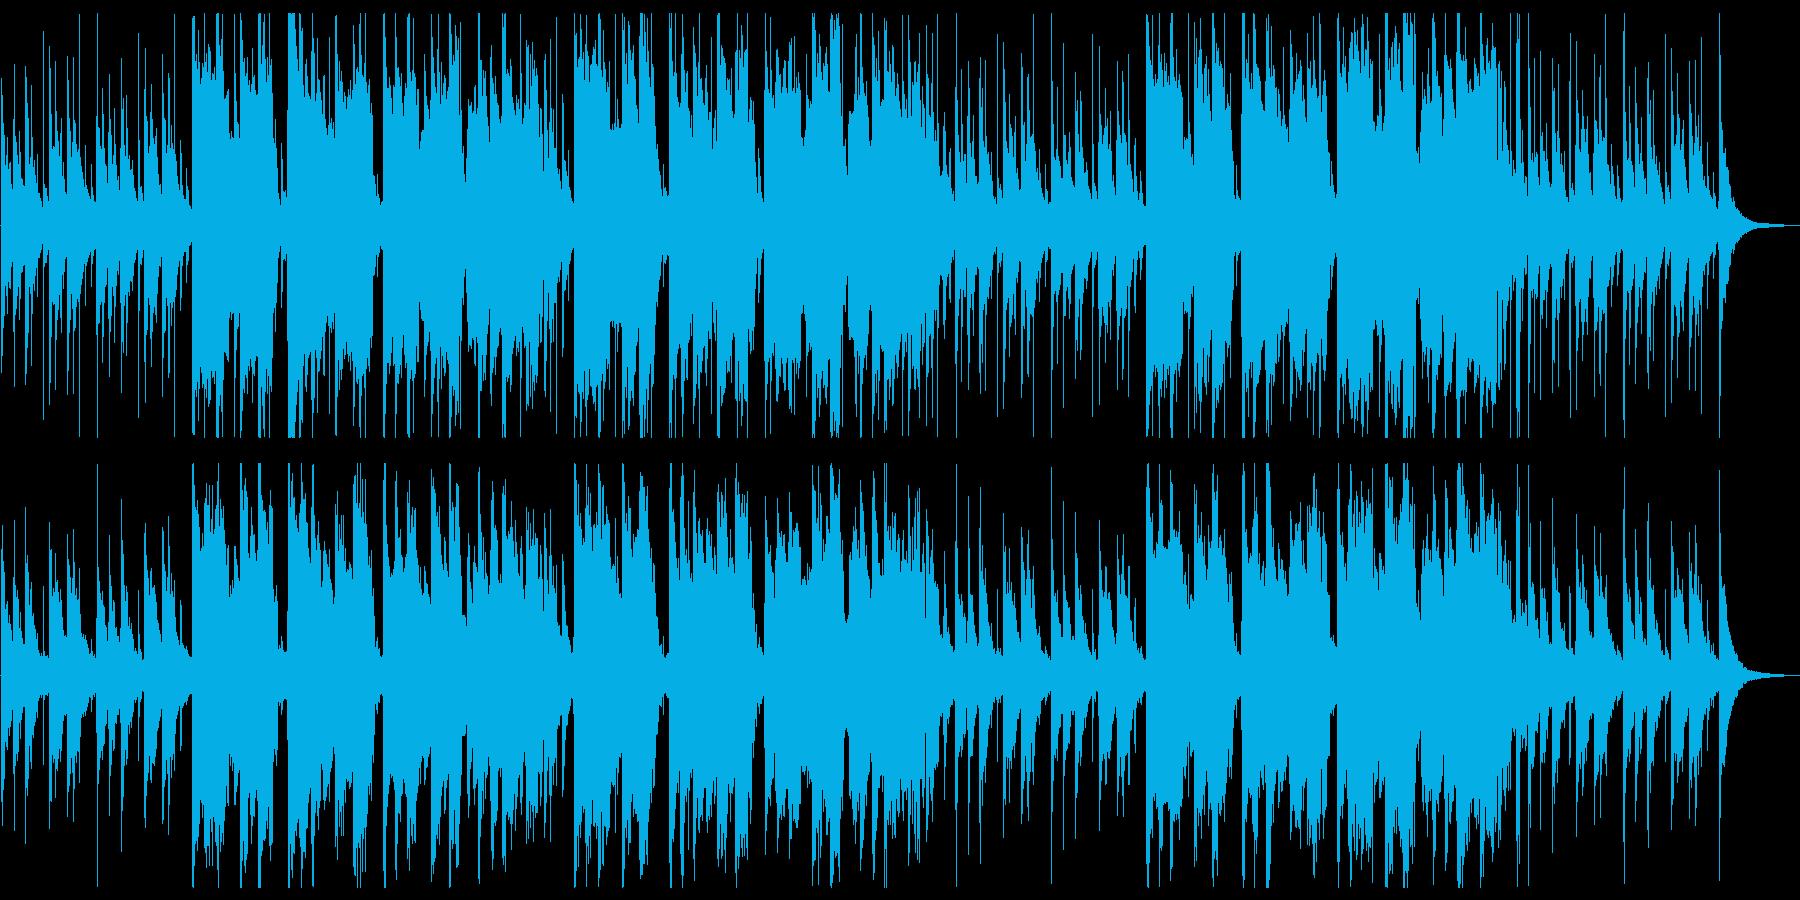 笛がメインの明るく賑やかな和風楽曲の再生済みの波形